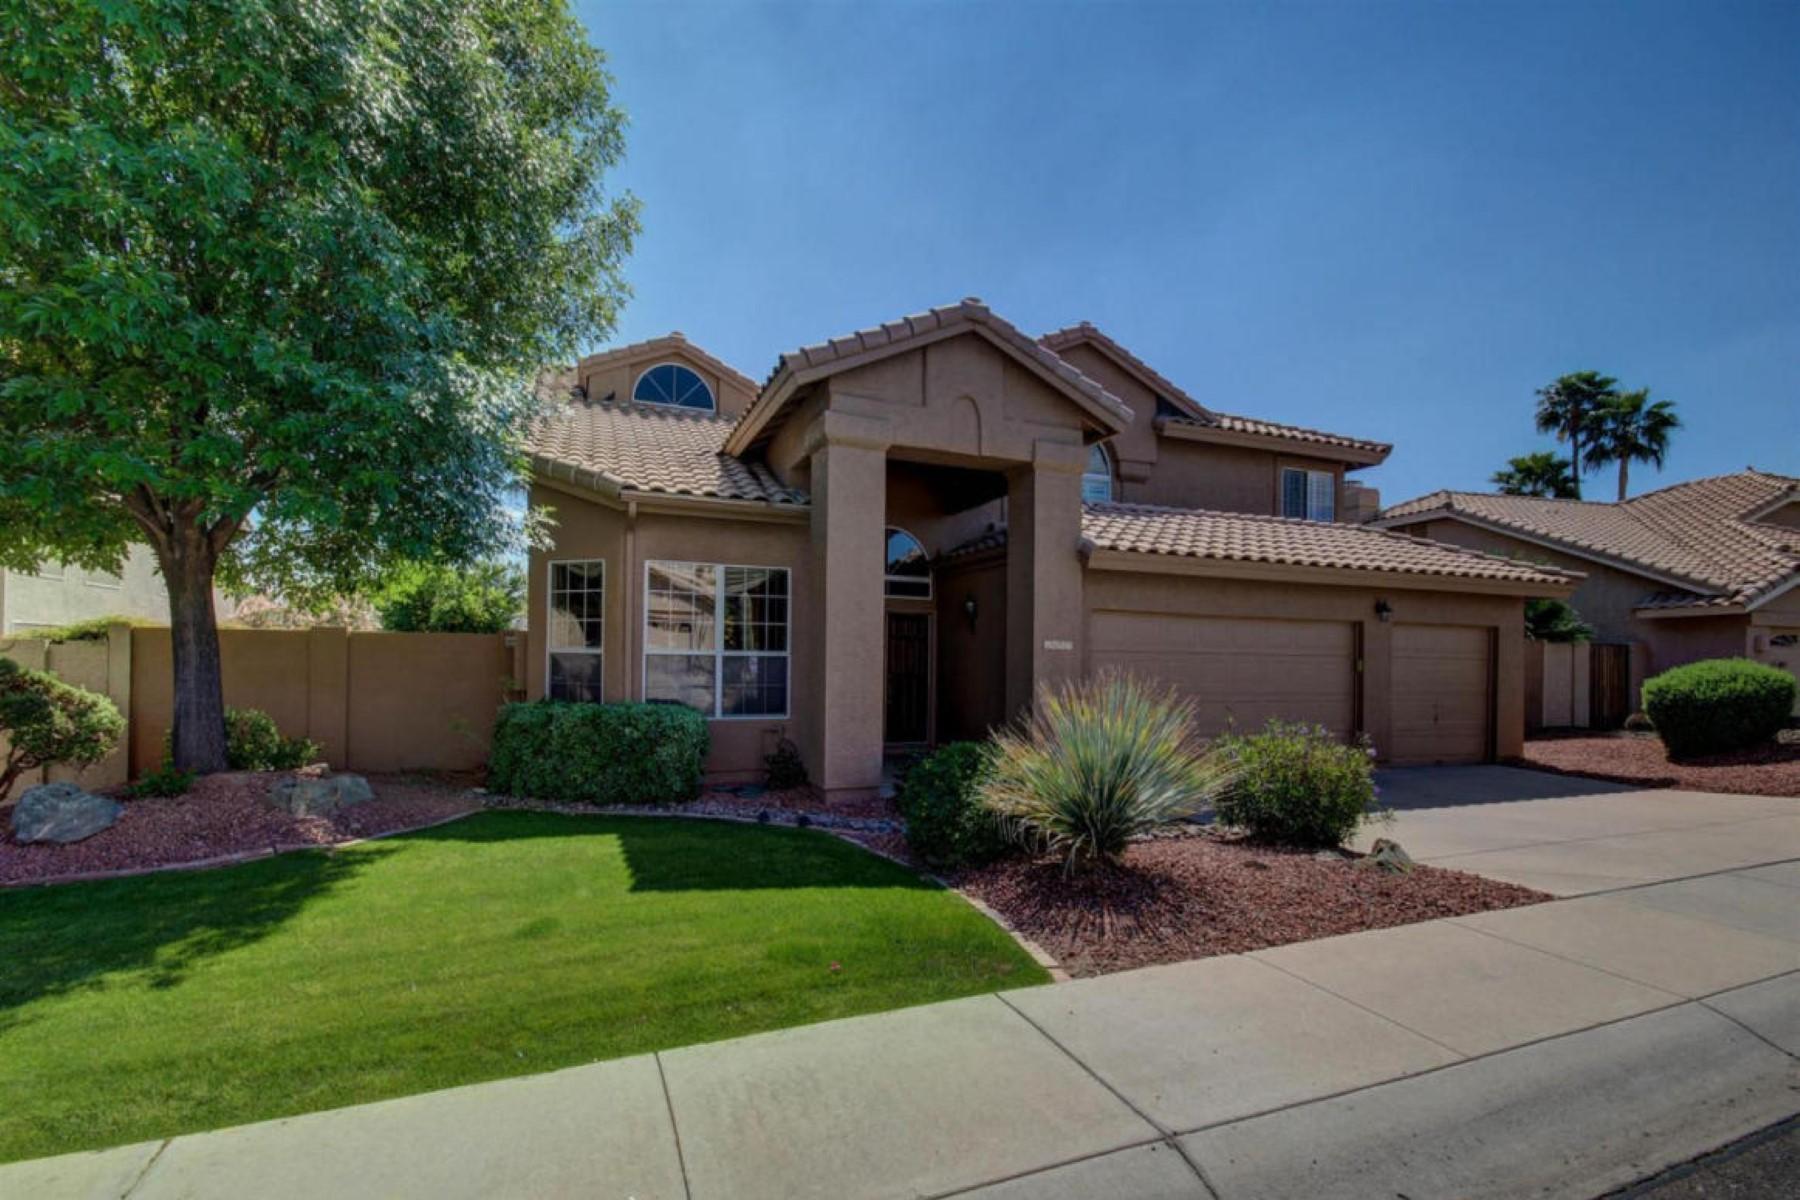 Частный односемейный дом для того Продажа на Shadow Rock At The Foothills 1607 E Briarwood Ter Phoenix, Аризона 85048 Соединенные Штаты